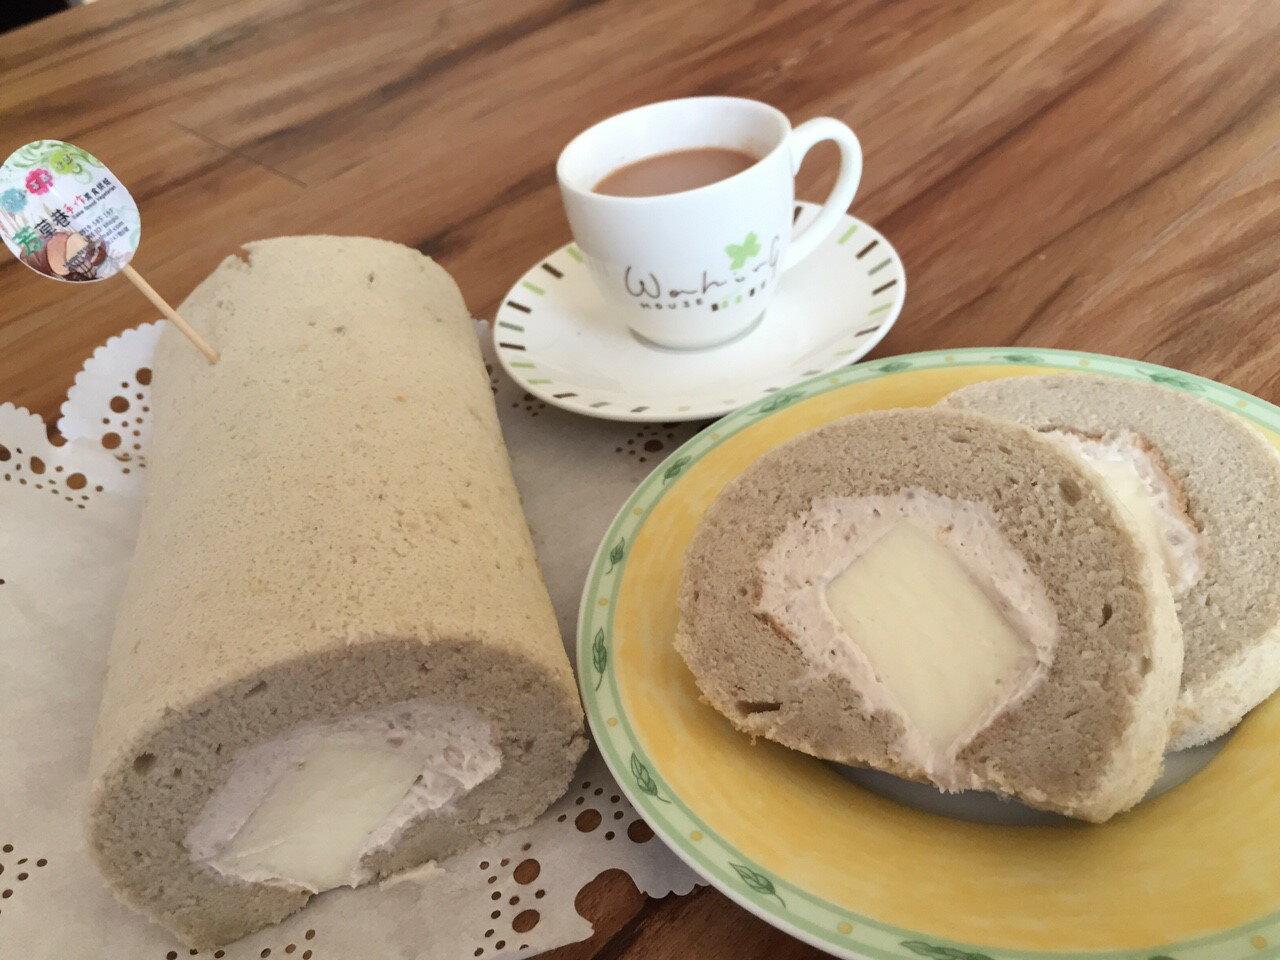 堅持新鮮現作手工芋泥奶凍捲450g - 芳草巷手作素食工坊